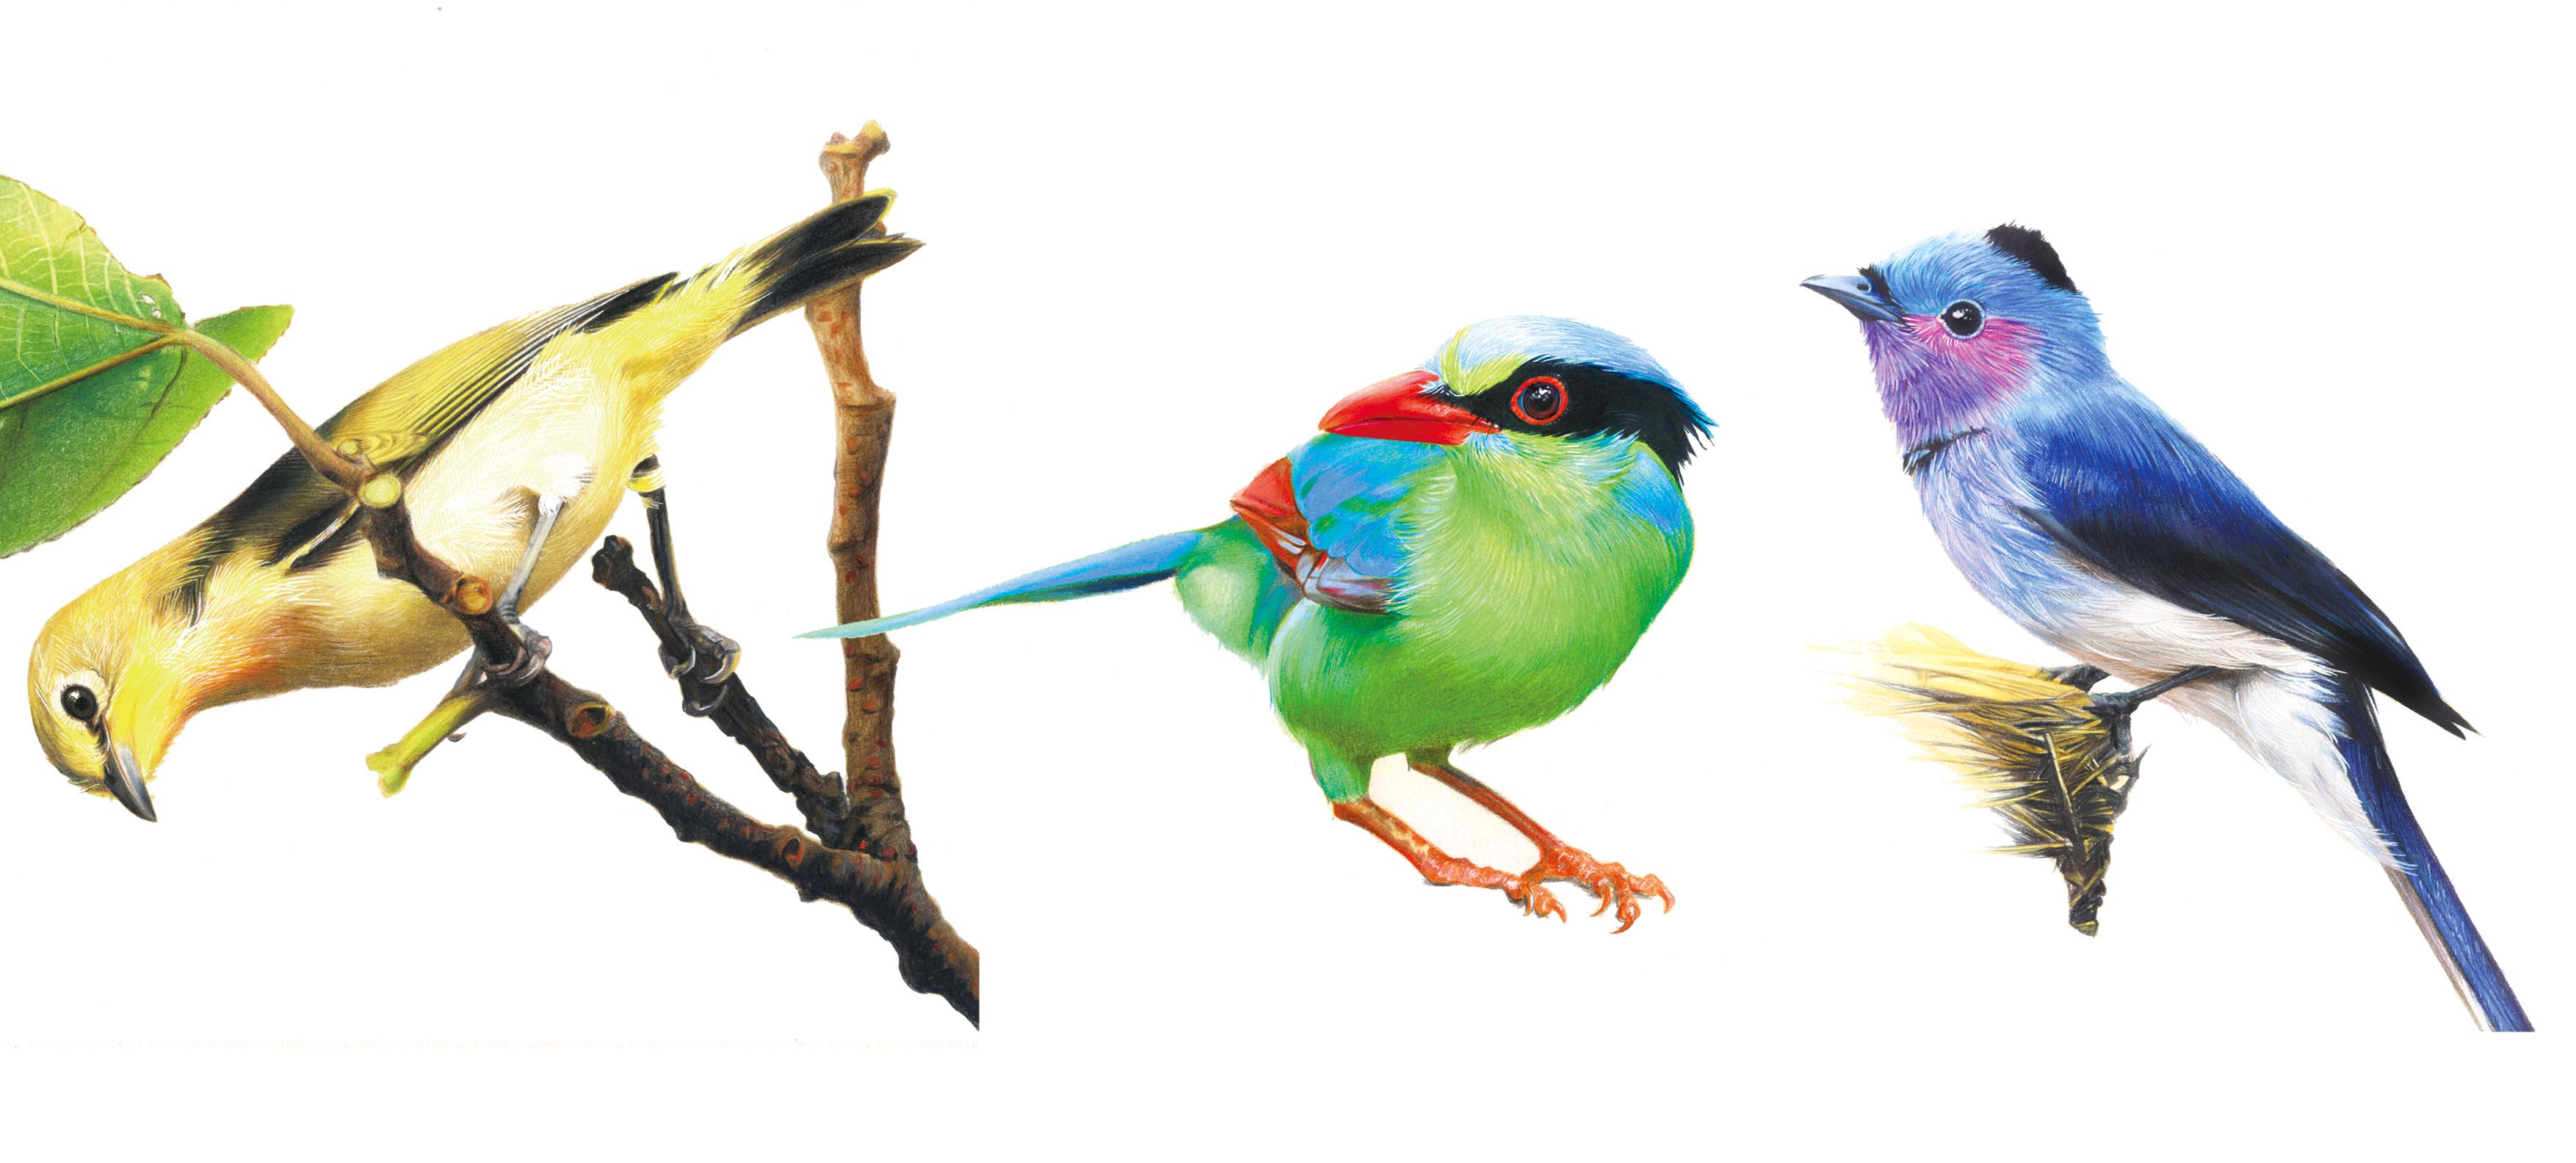 彩色小鸟插图 纯艺术 彩铅 shengxia1001 - 原创作品